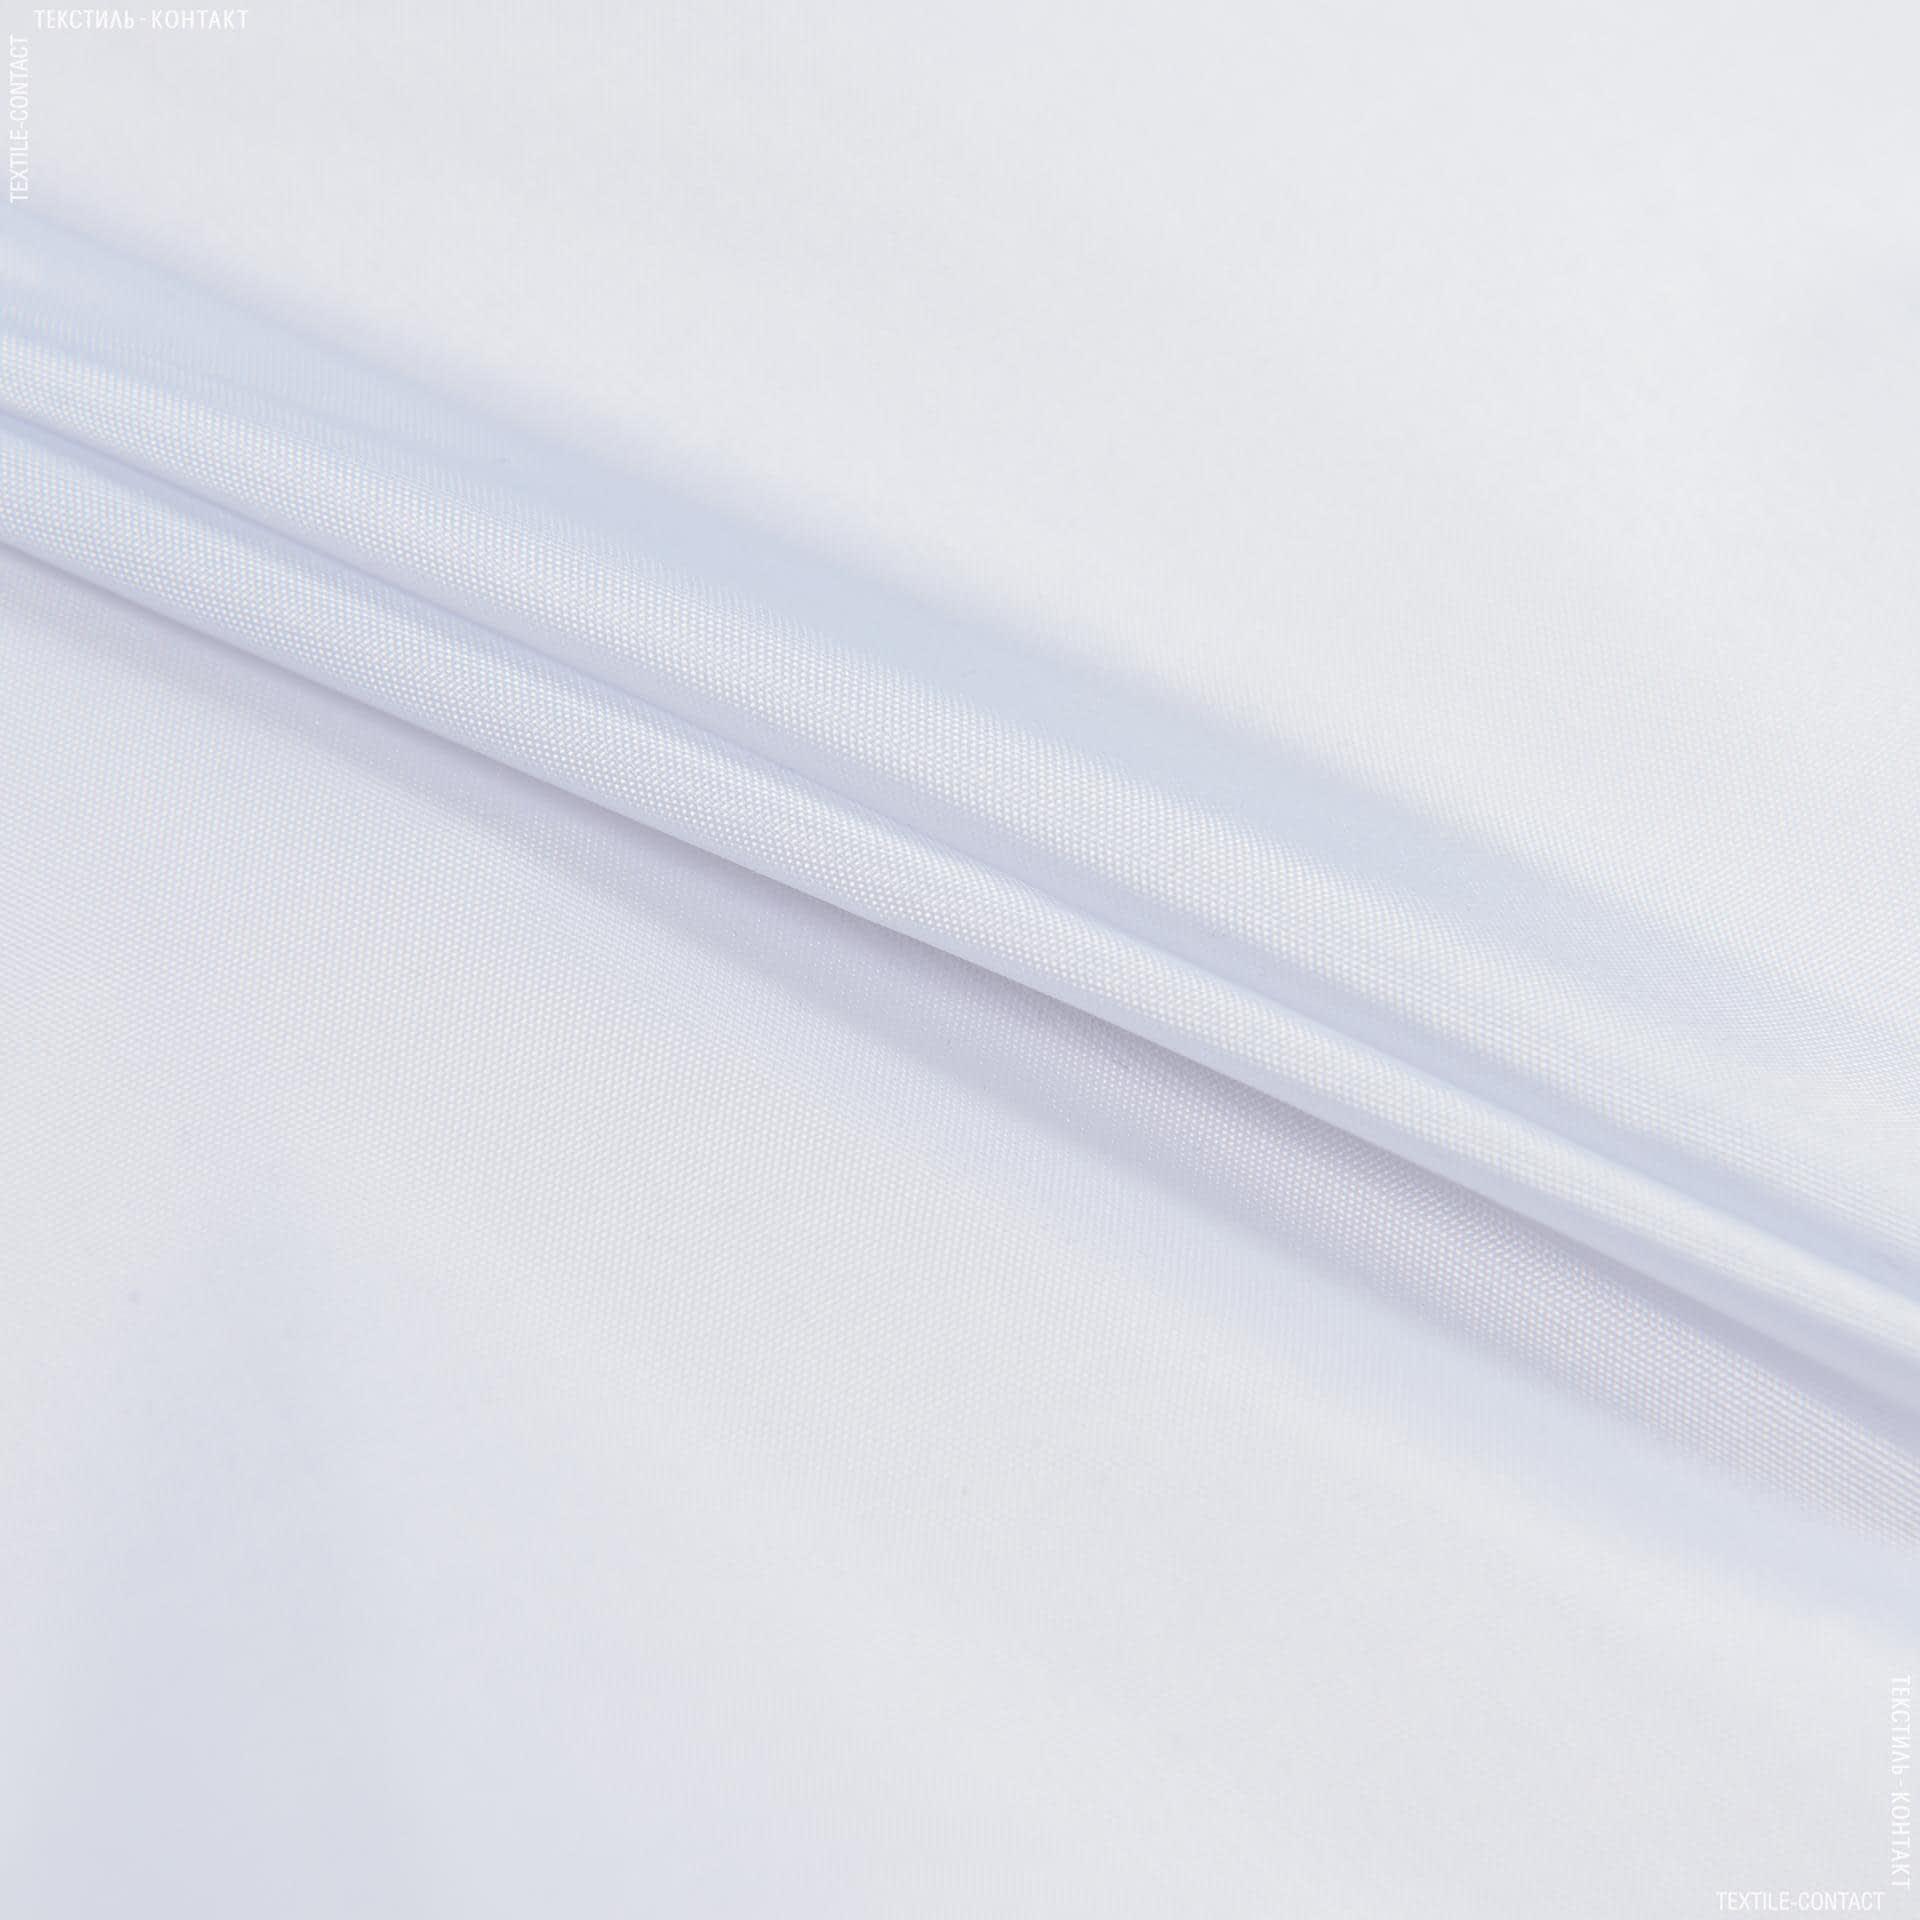 Ткани для палаток - Болония светло-серый